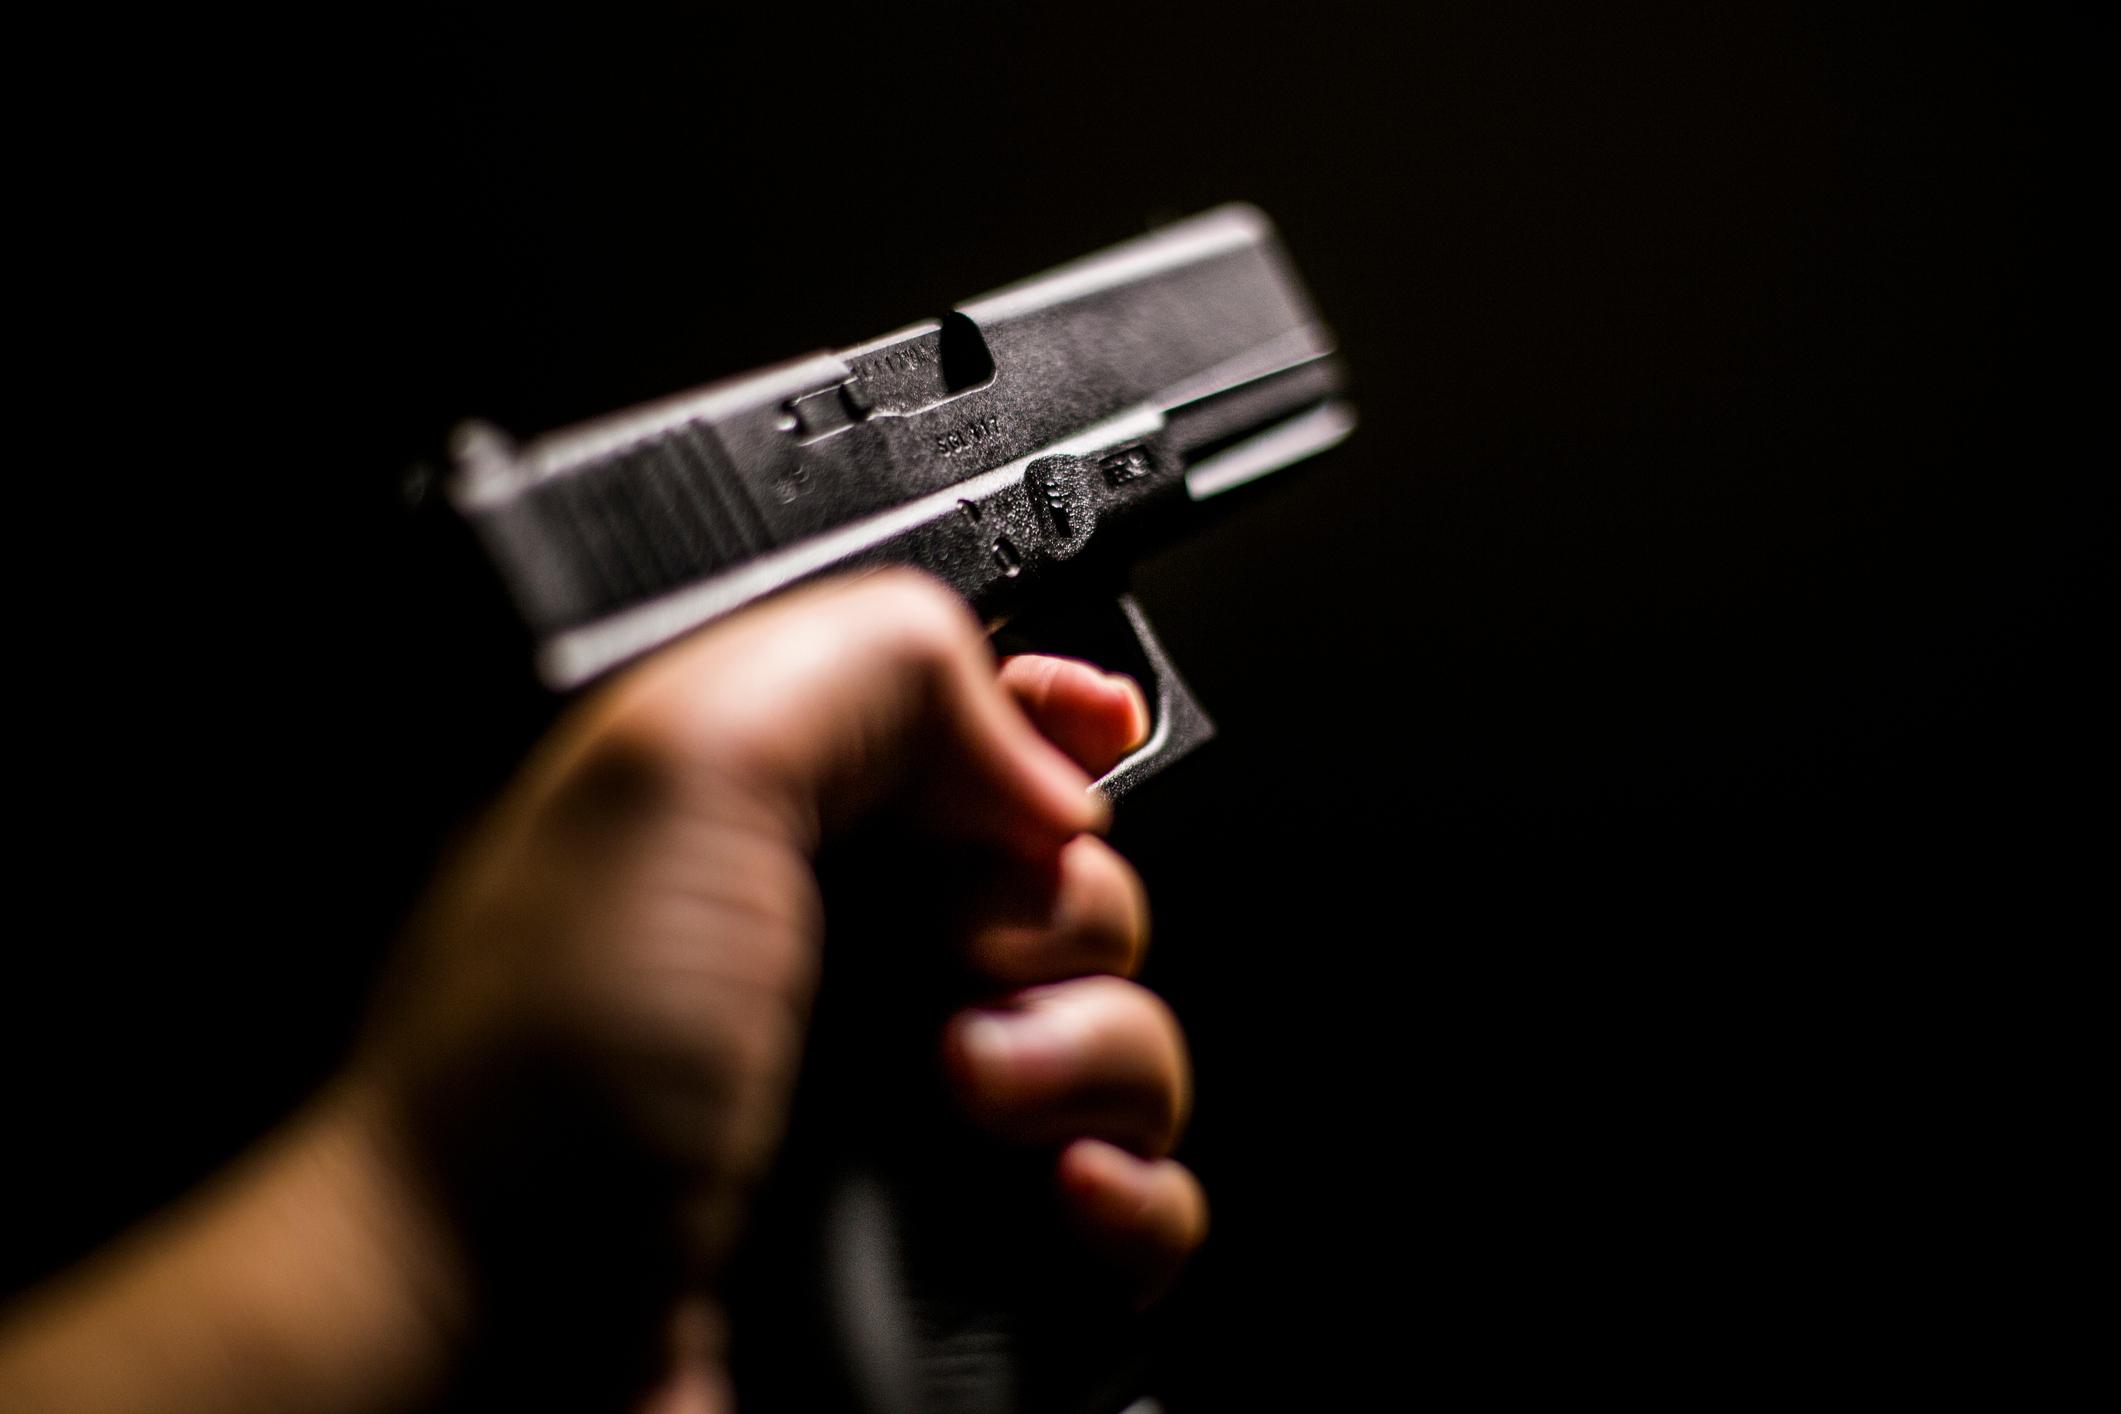 Texasul autorizează portul de armă în public şi fără permis